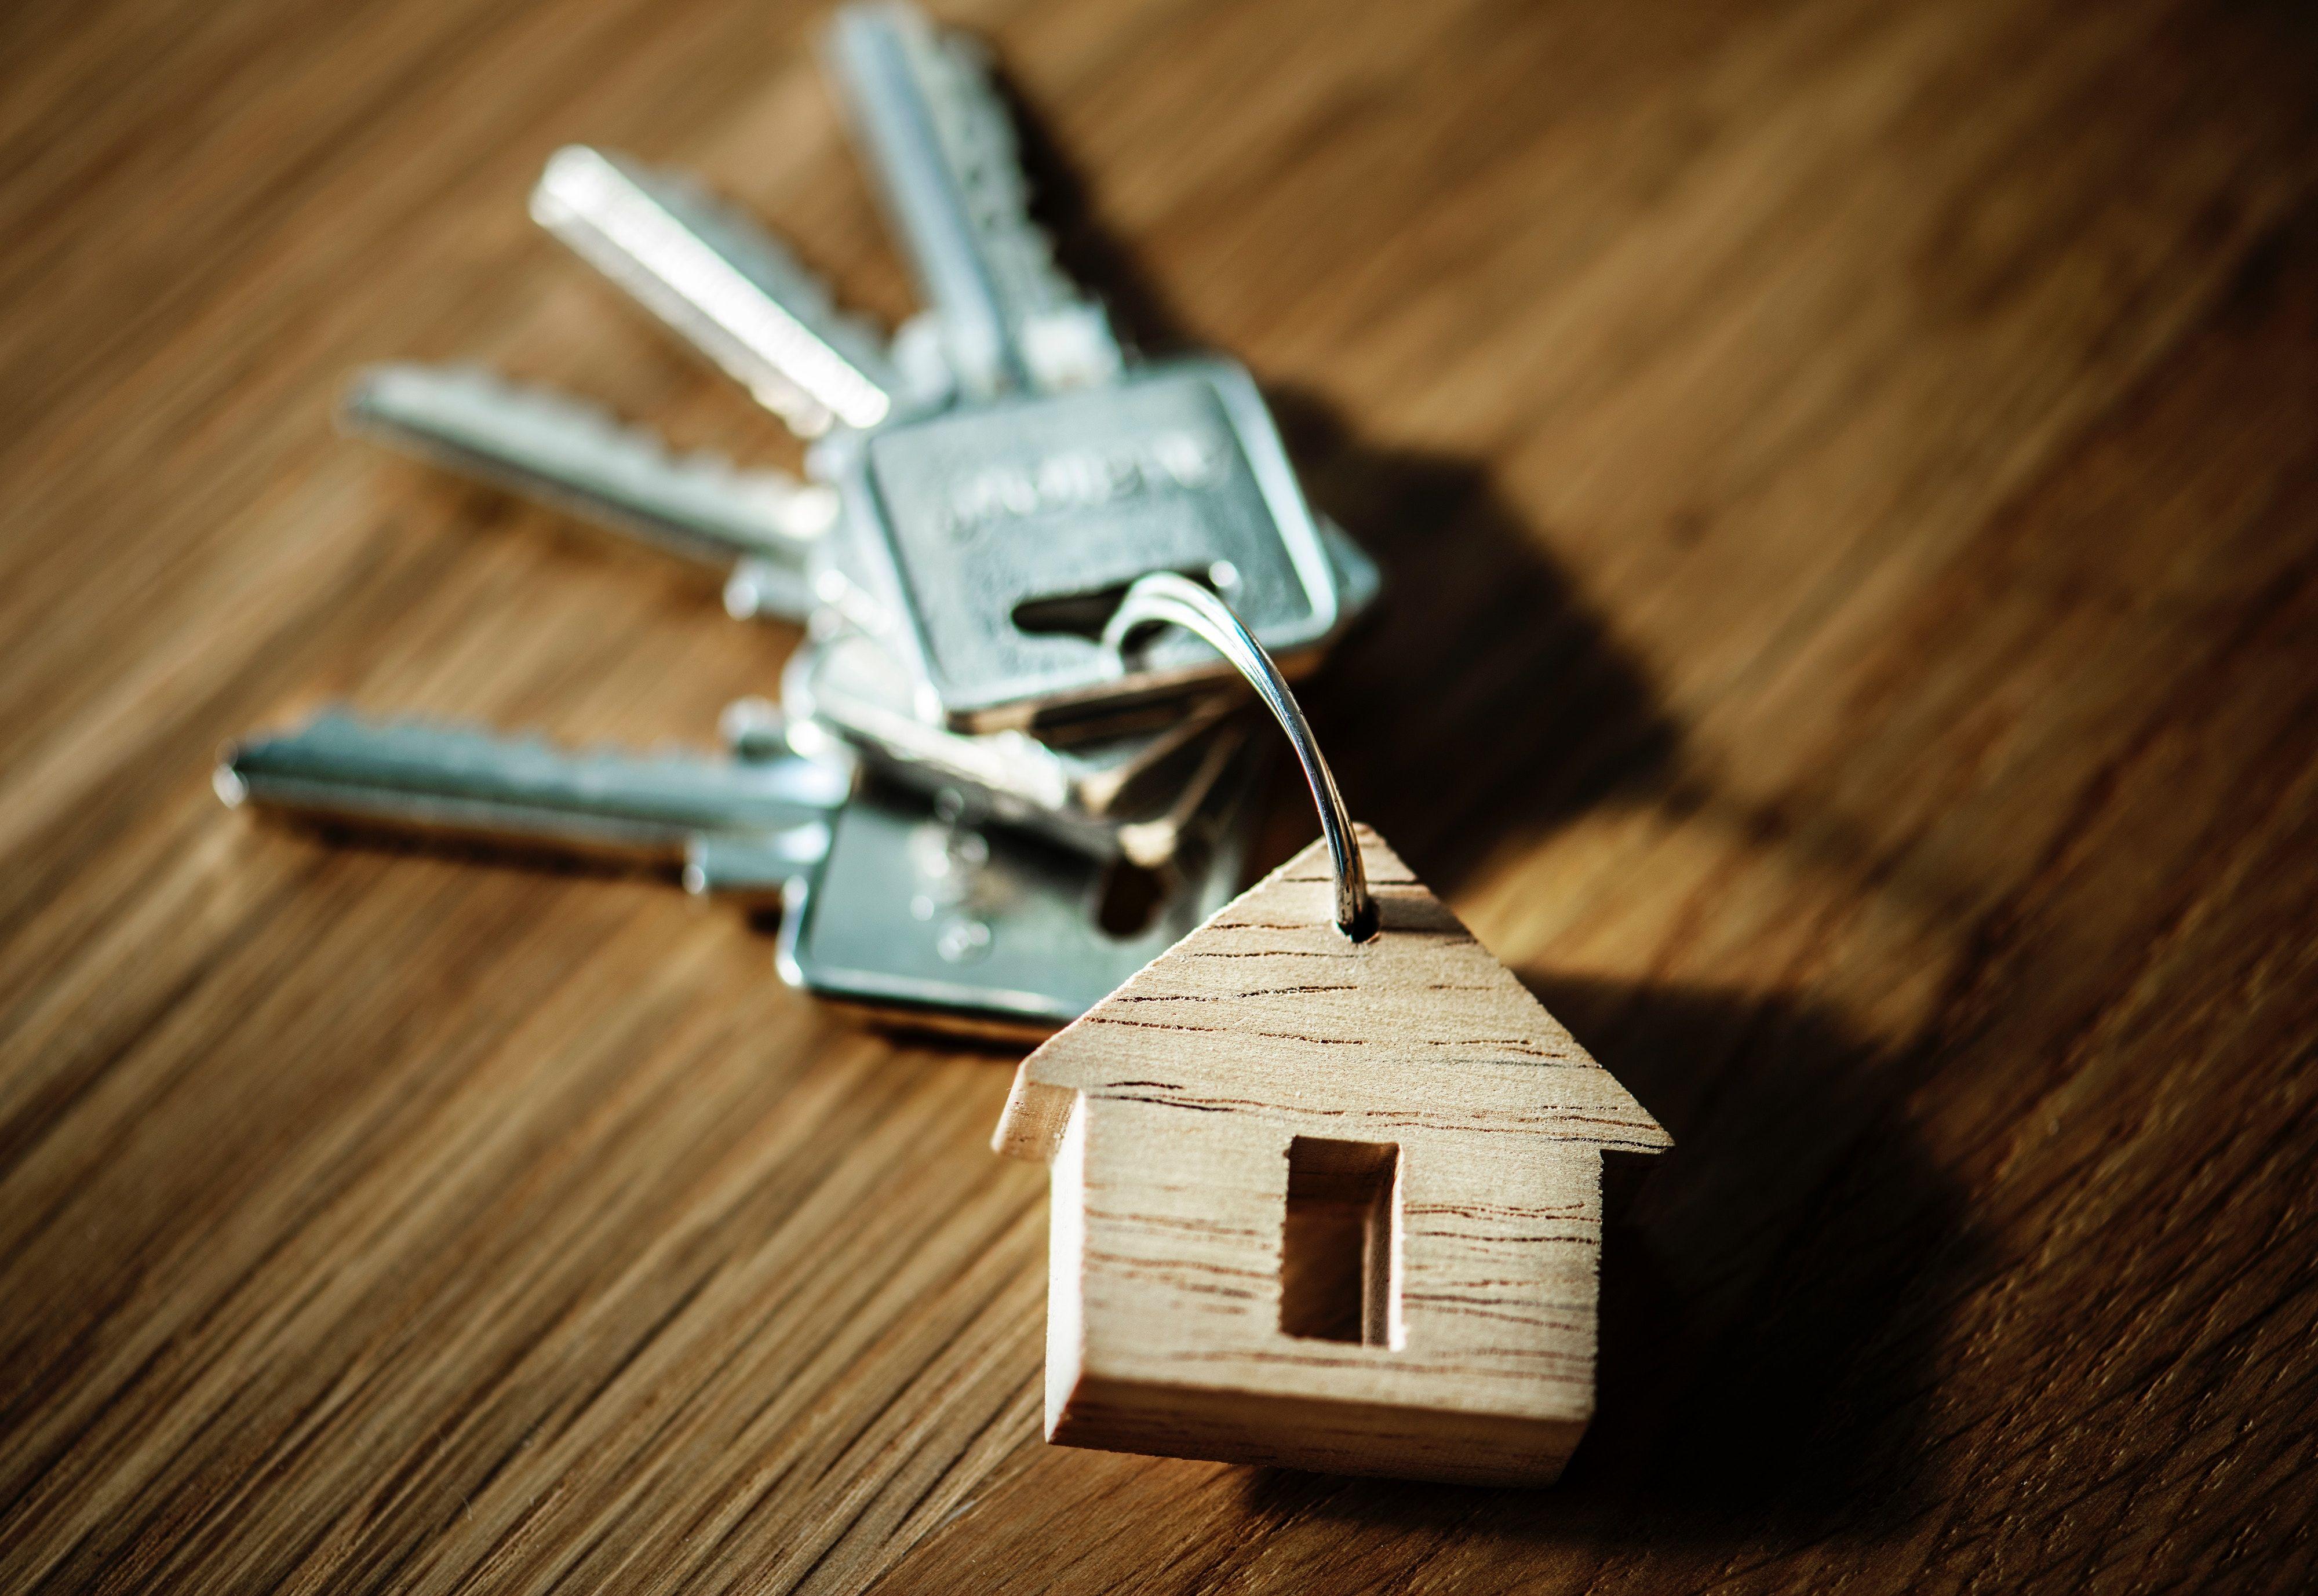 Ventajas de la inmobiliaria respecto a la compra con particulares